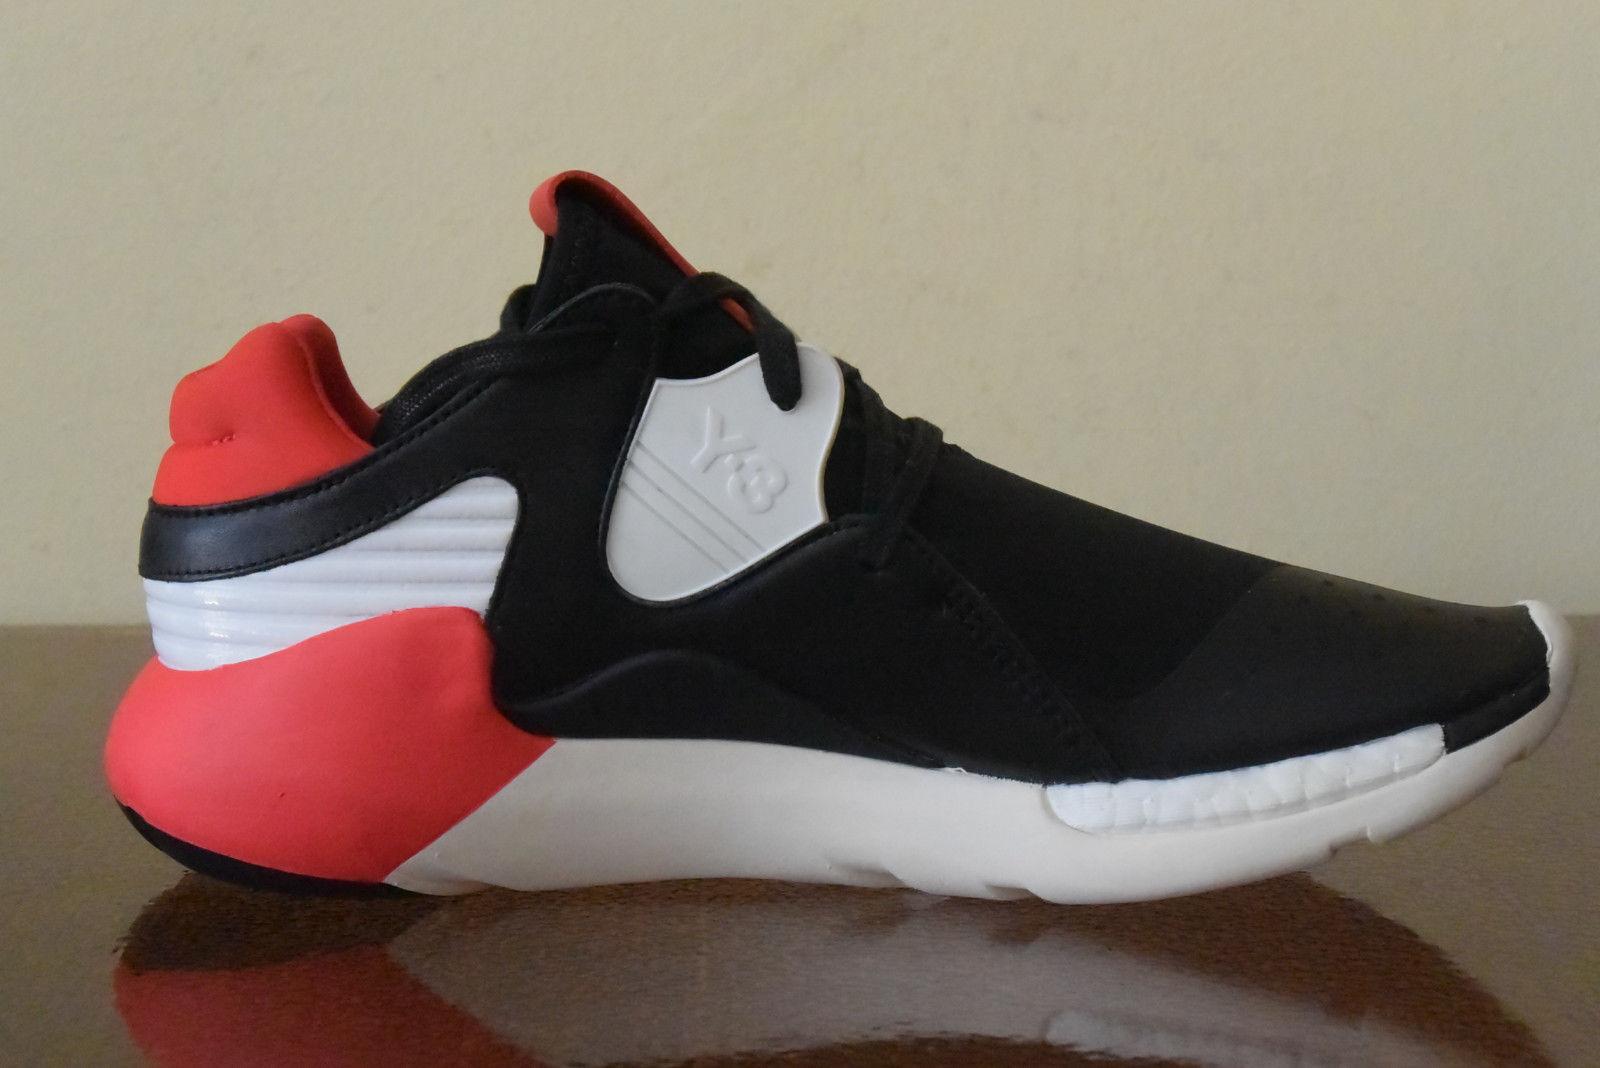 Adidas Adidas Adidas y-3 auftrieb qr - schwarz s83120 sz 8,5 059357